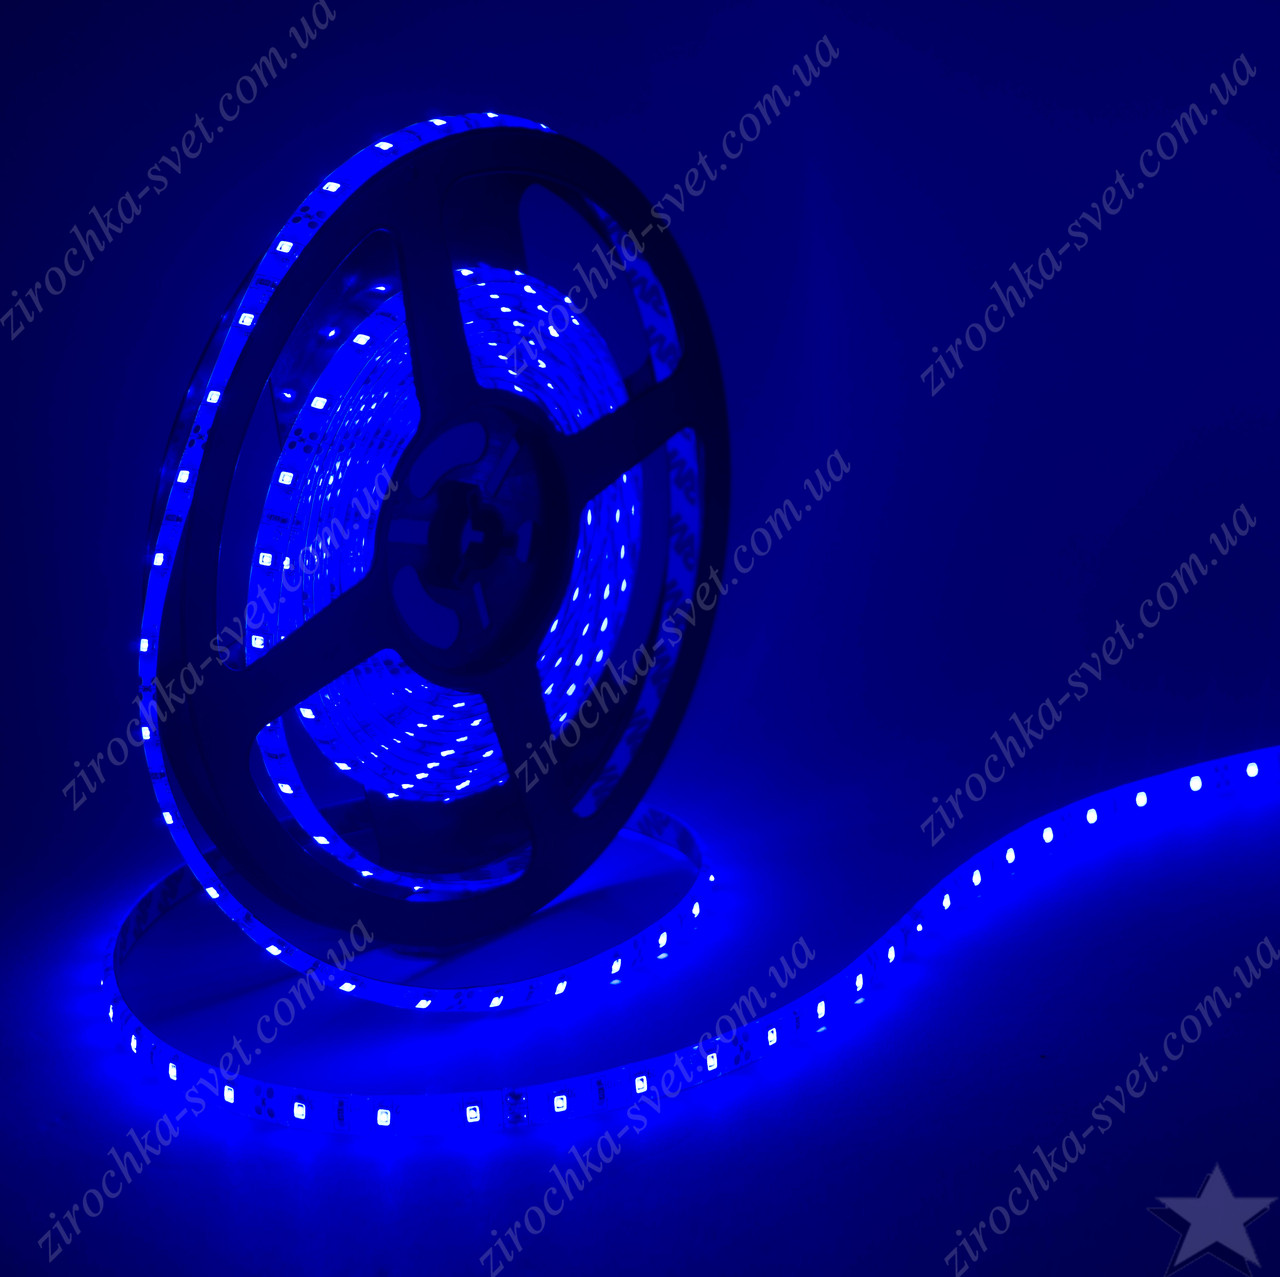 Светодиодная лента синяя 12в 60шт/м smd3528 IP65 влагозащищенная (в силиконе) 4,8 Вт/м Motoko